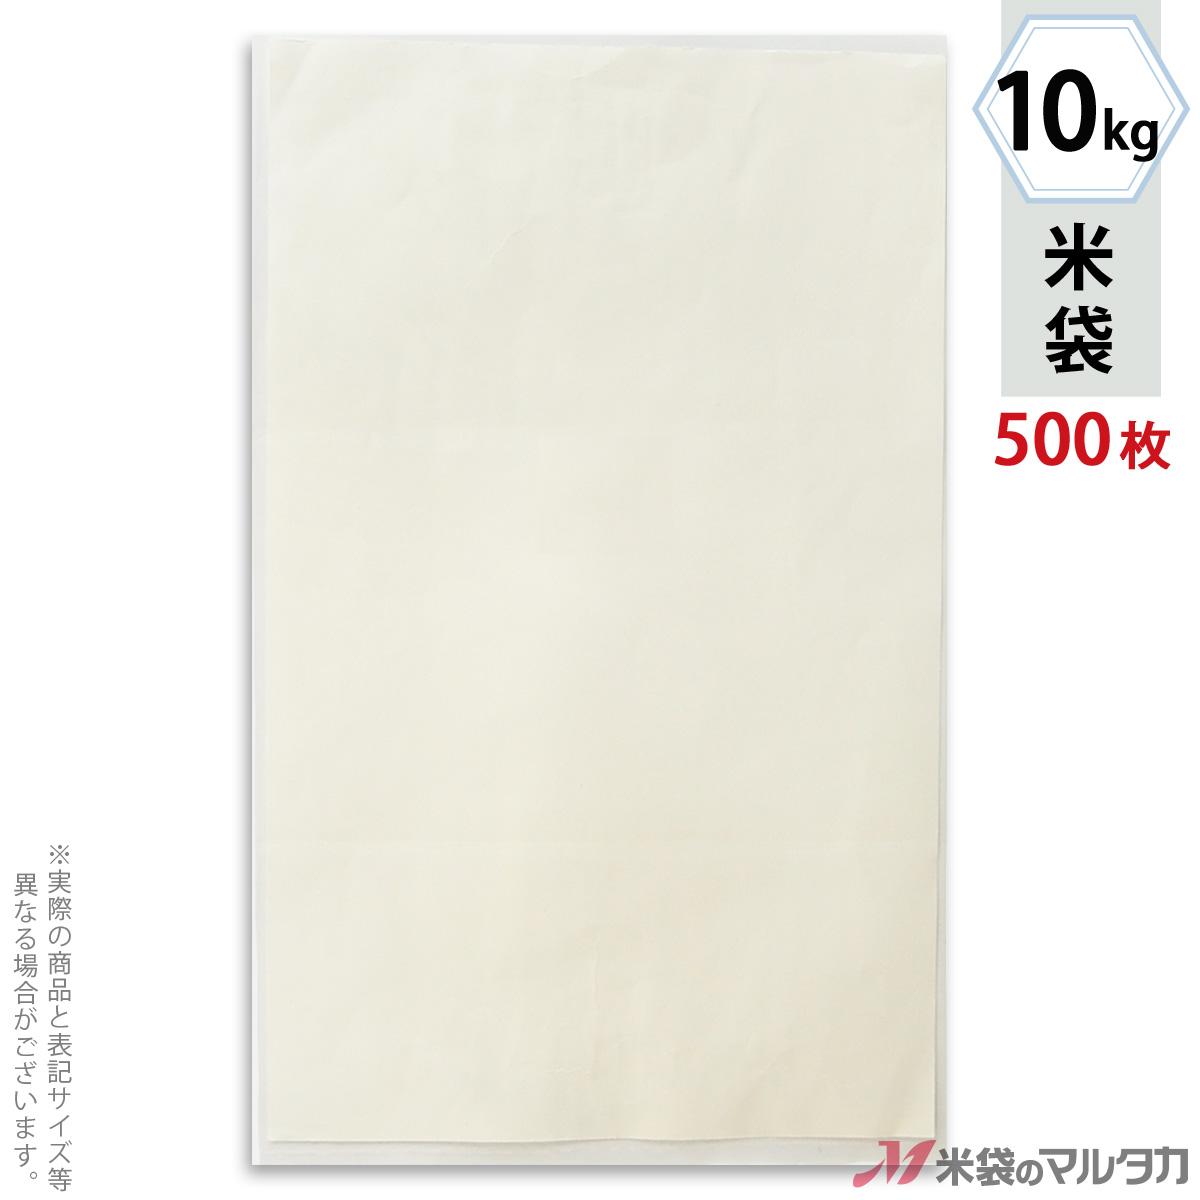 米袋 ポリ透明 無地 10kg 1ケース(500枚入) P-04003